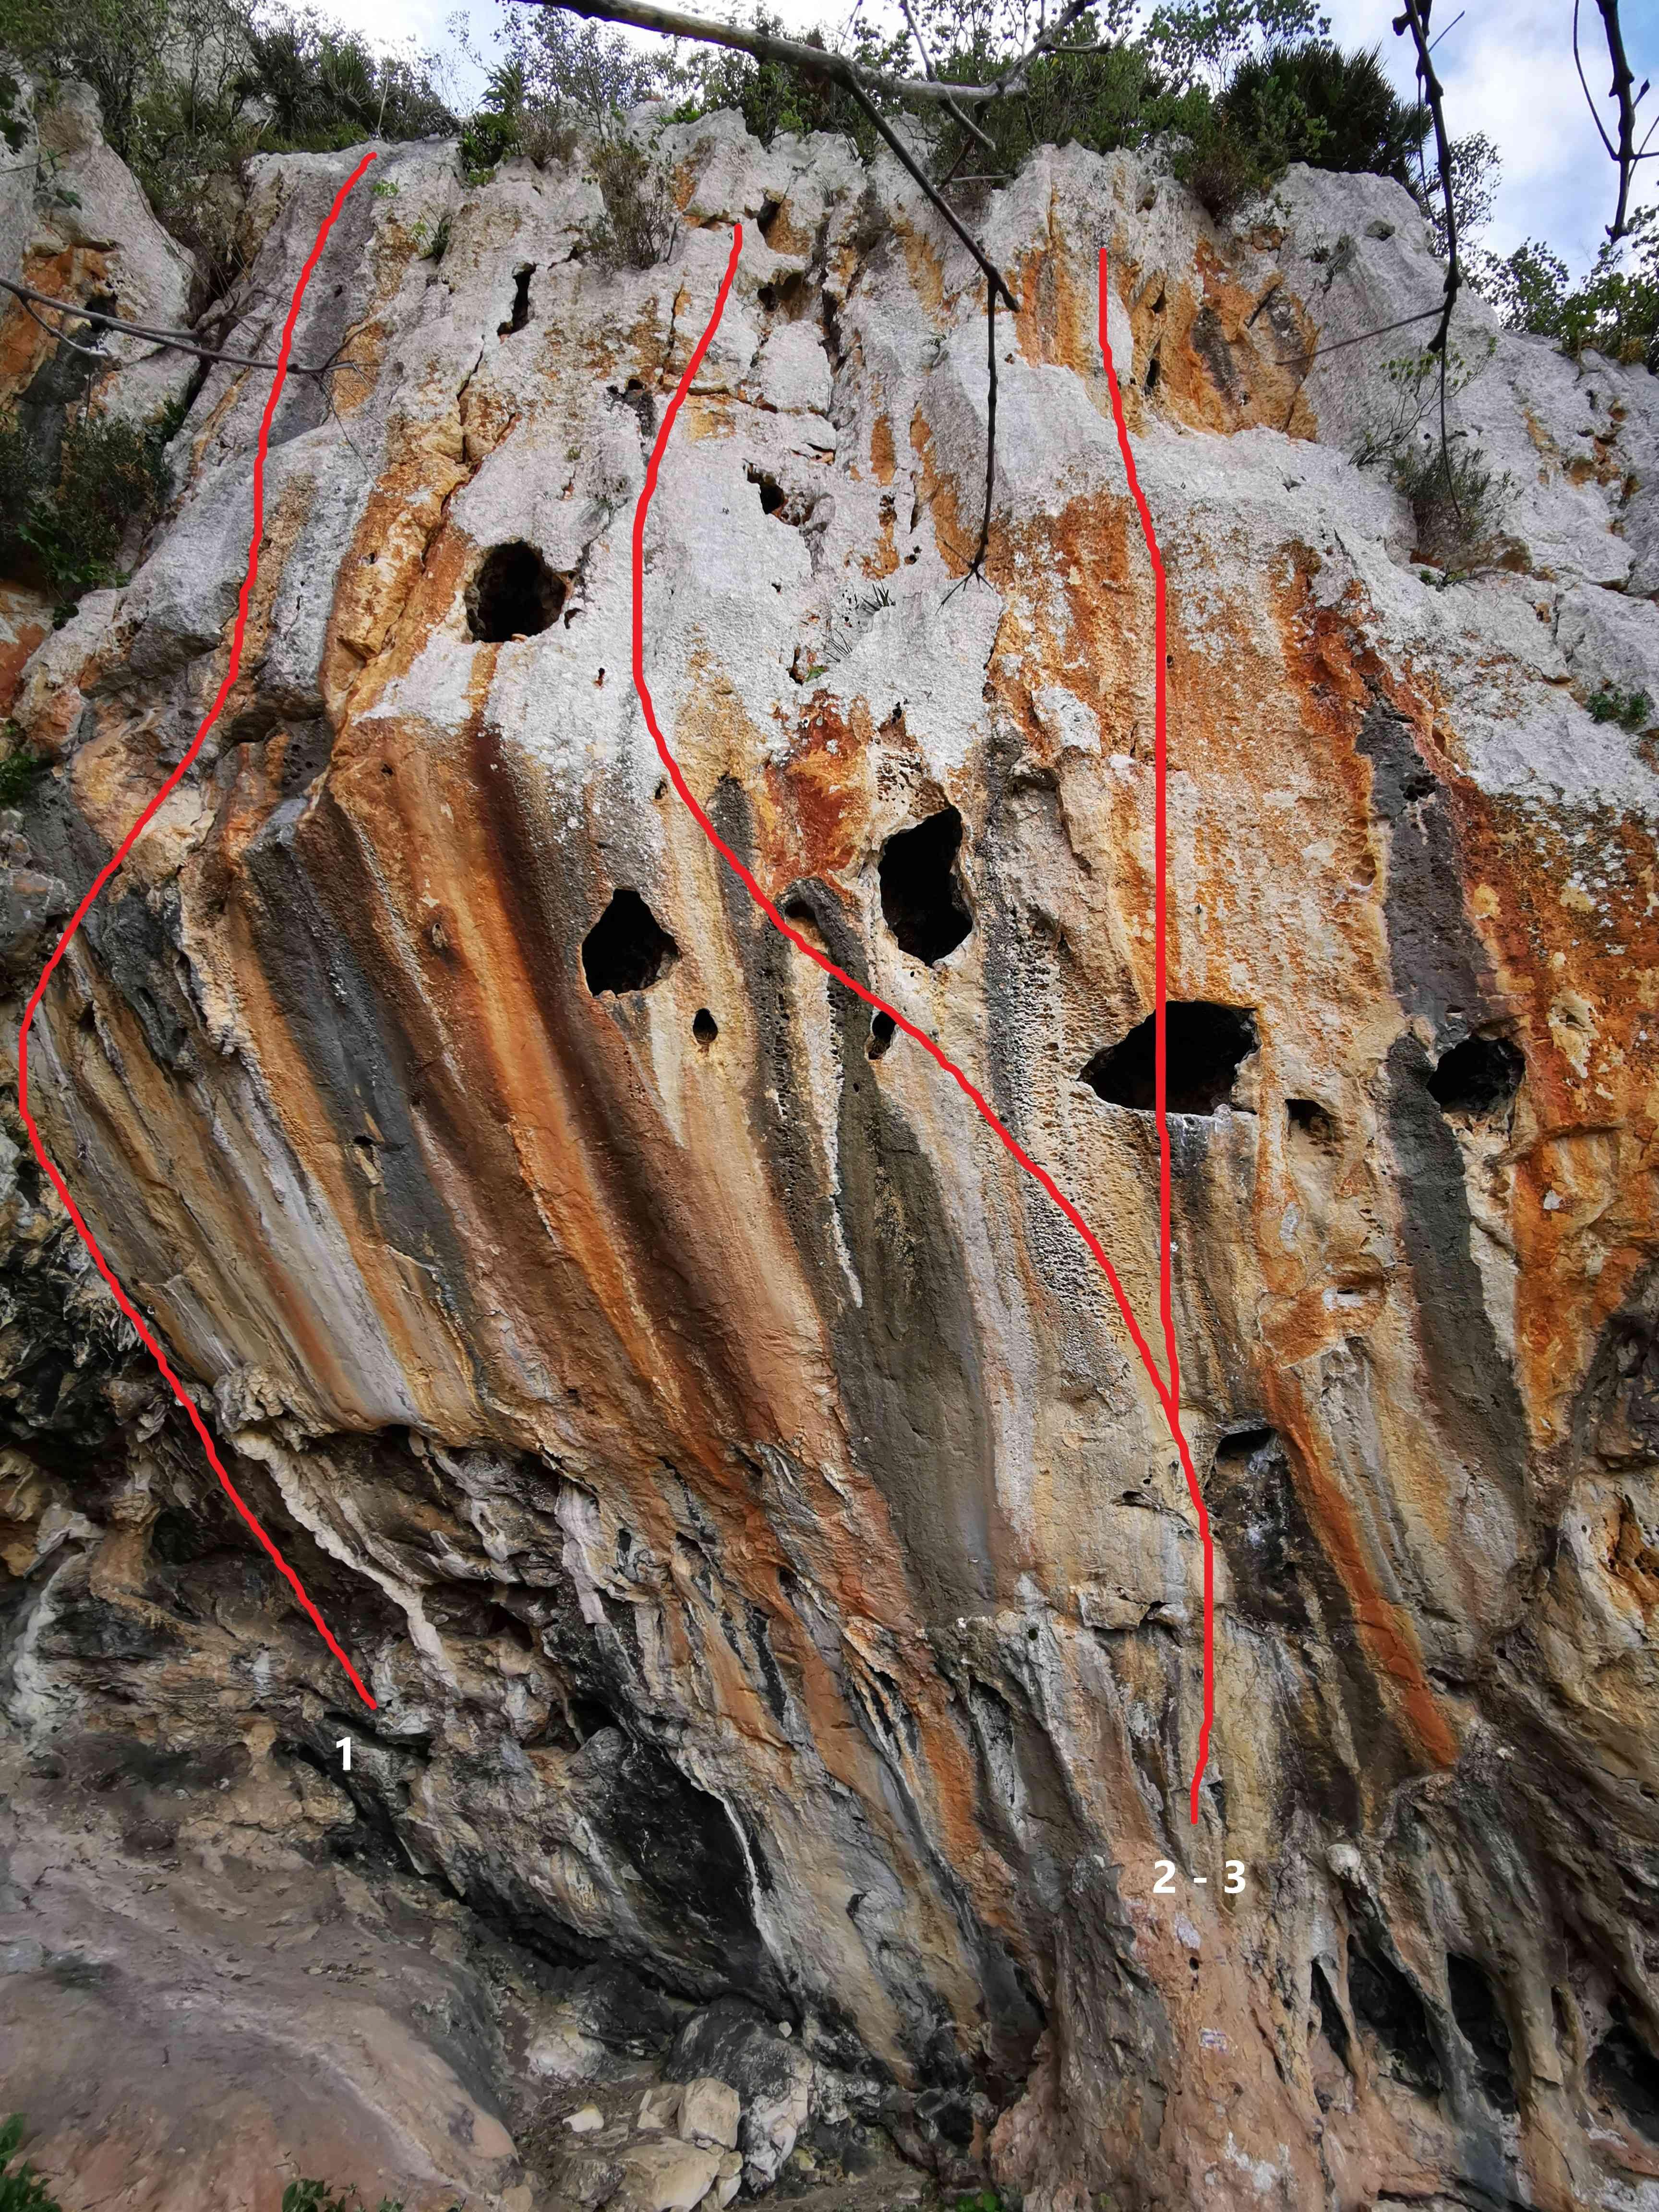 Le scogliere della Mannara con linee rosse che denotano i percorsi